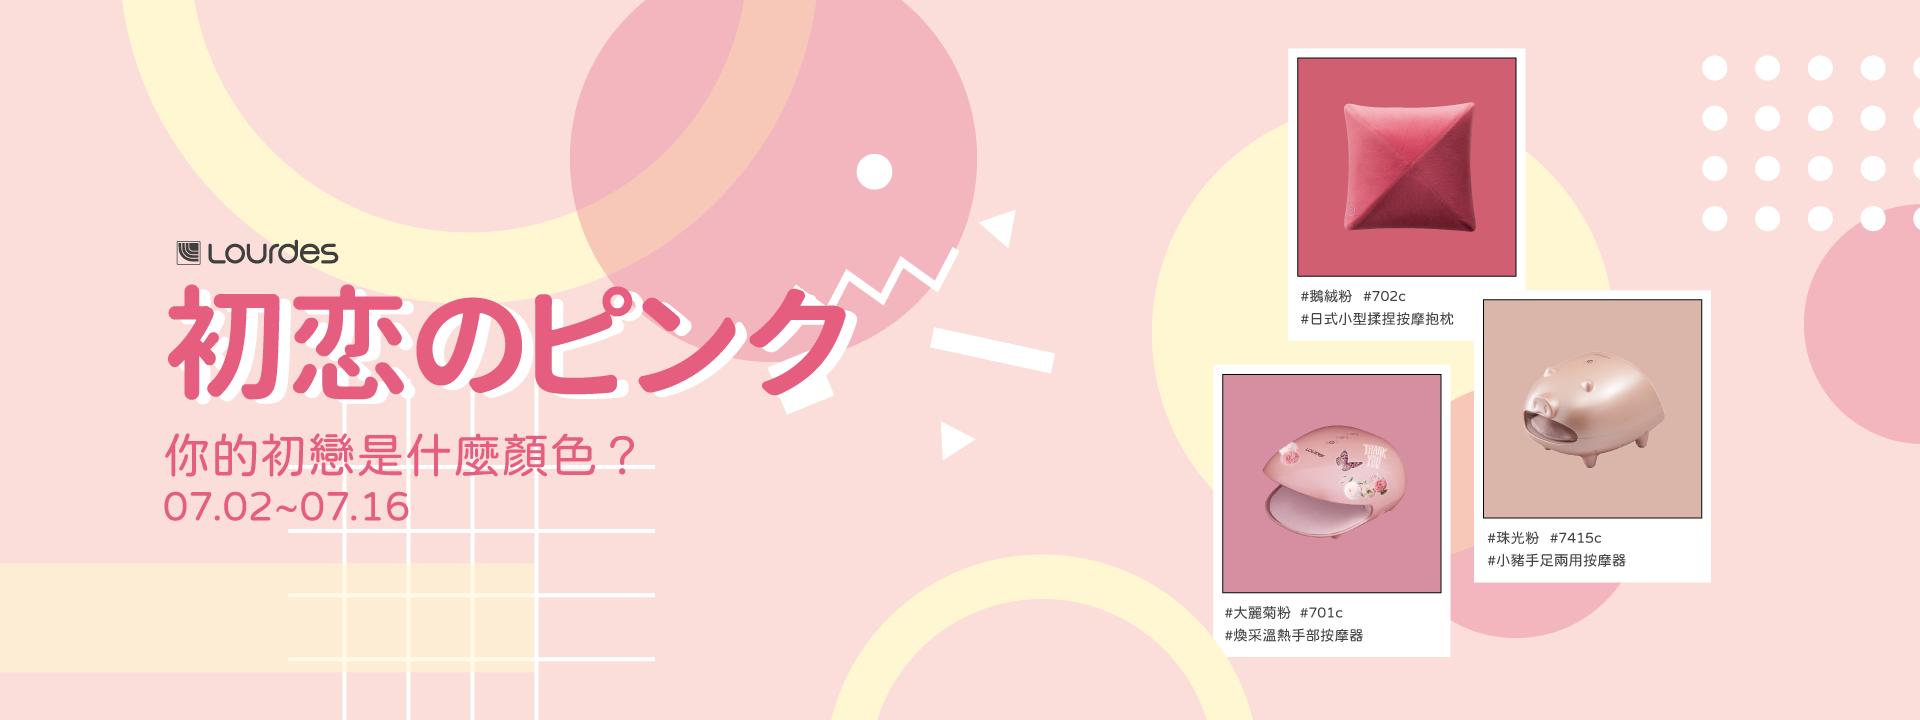 ATEX台灣官網,七月初戀的粉色系活動,指定品項粉紅主打星限時優惠85折。